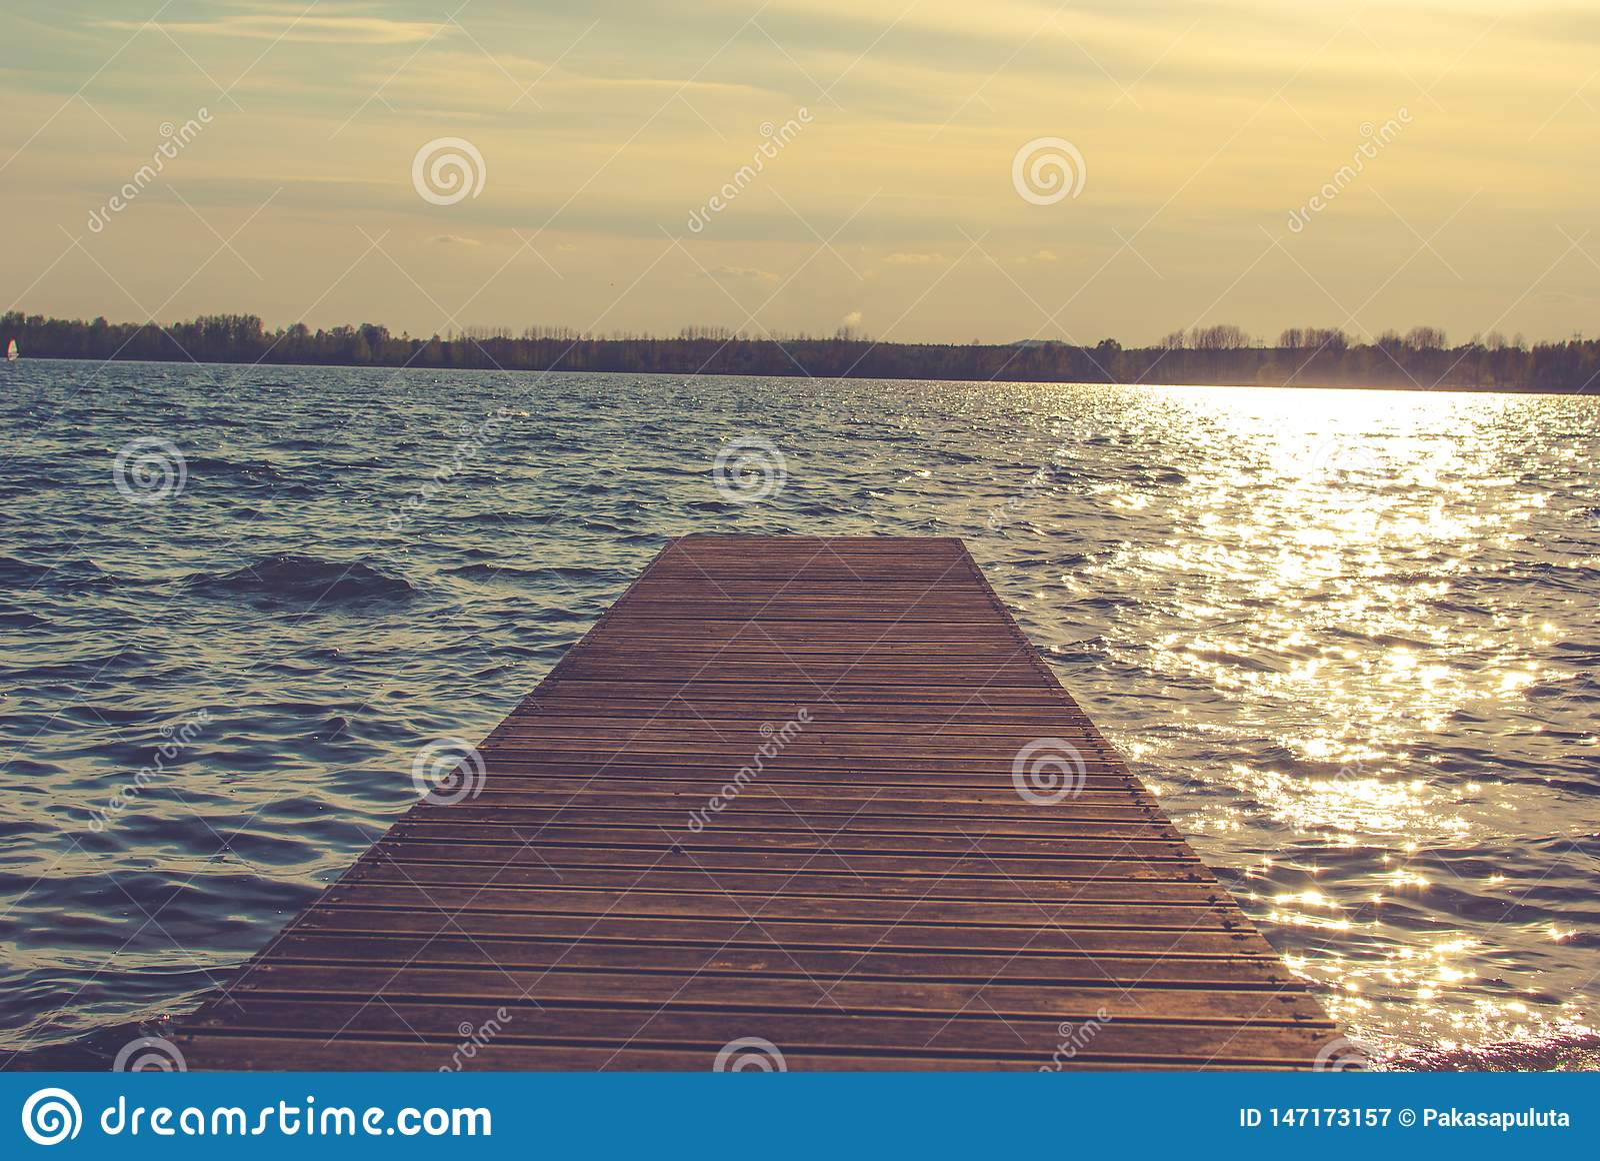 Pier auf dem See